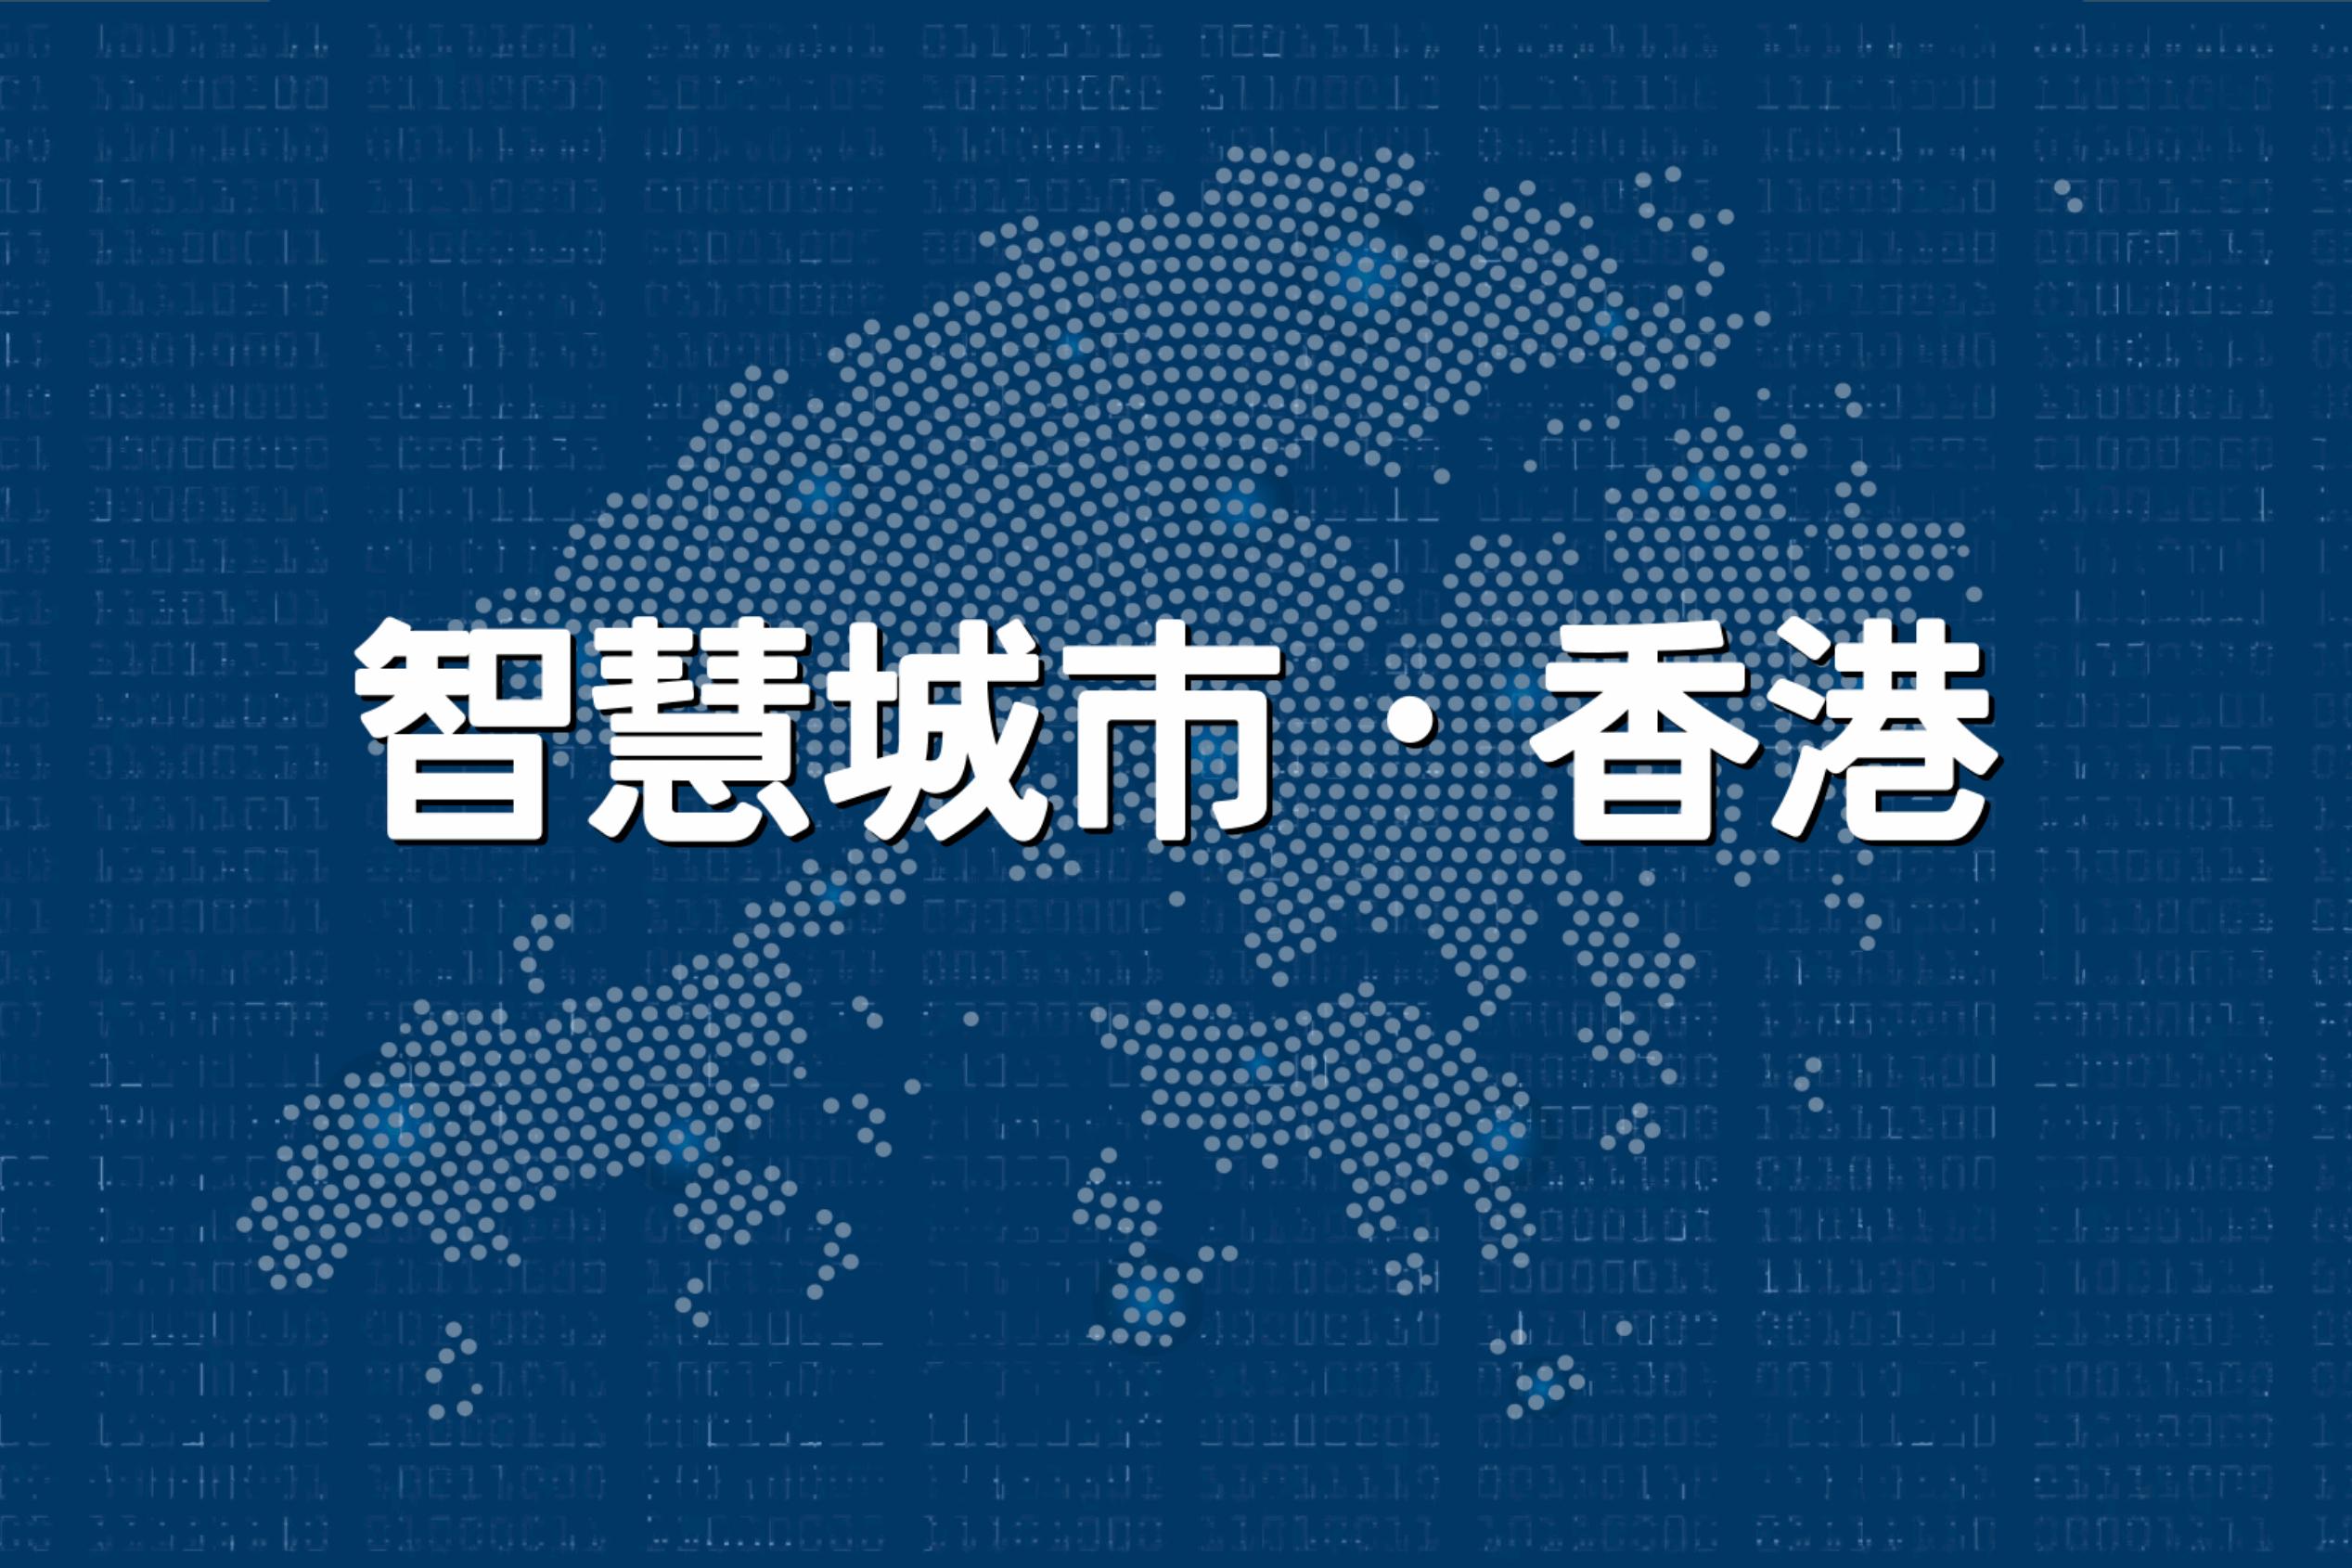 yingmukuaizhao_2020-10-05_xiawu5.14.44